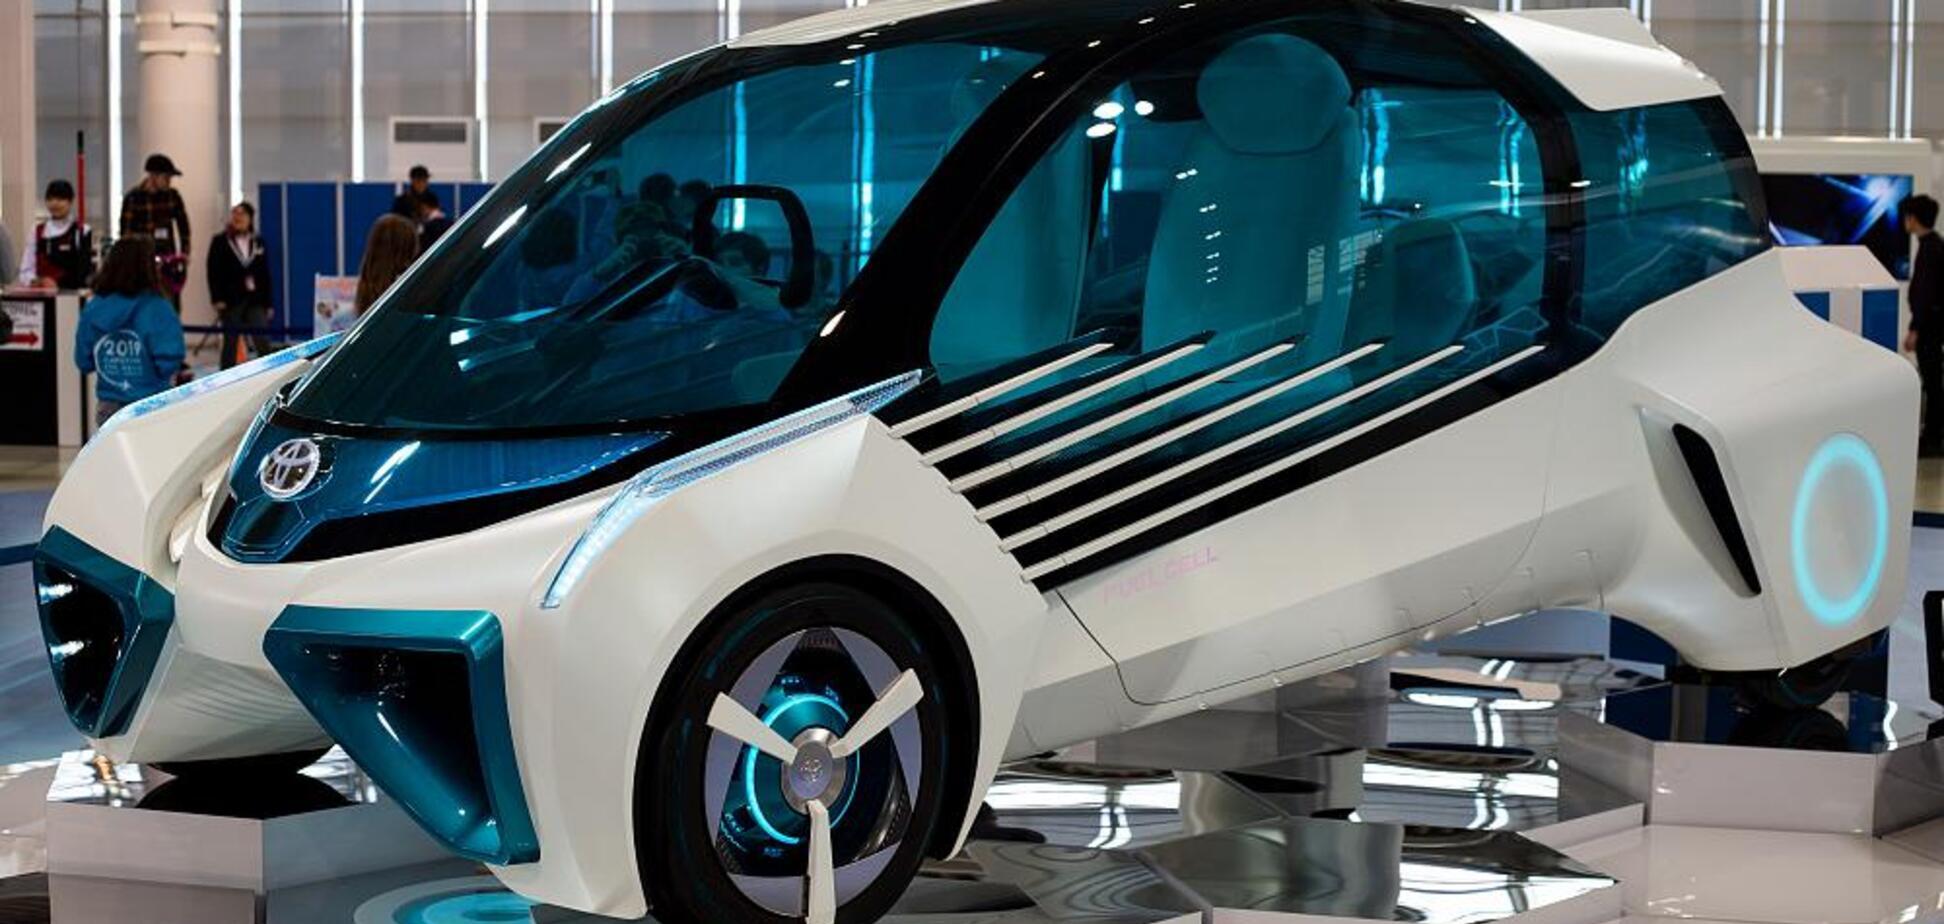 Продажи водородных авто внезапно показали двойной рост: озвучена причина